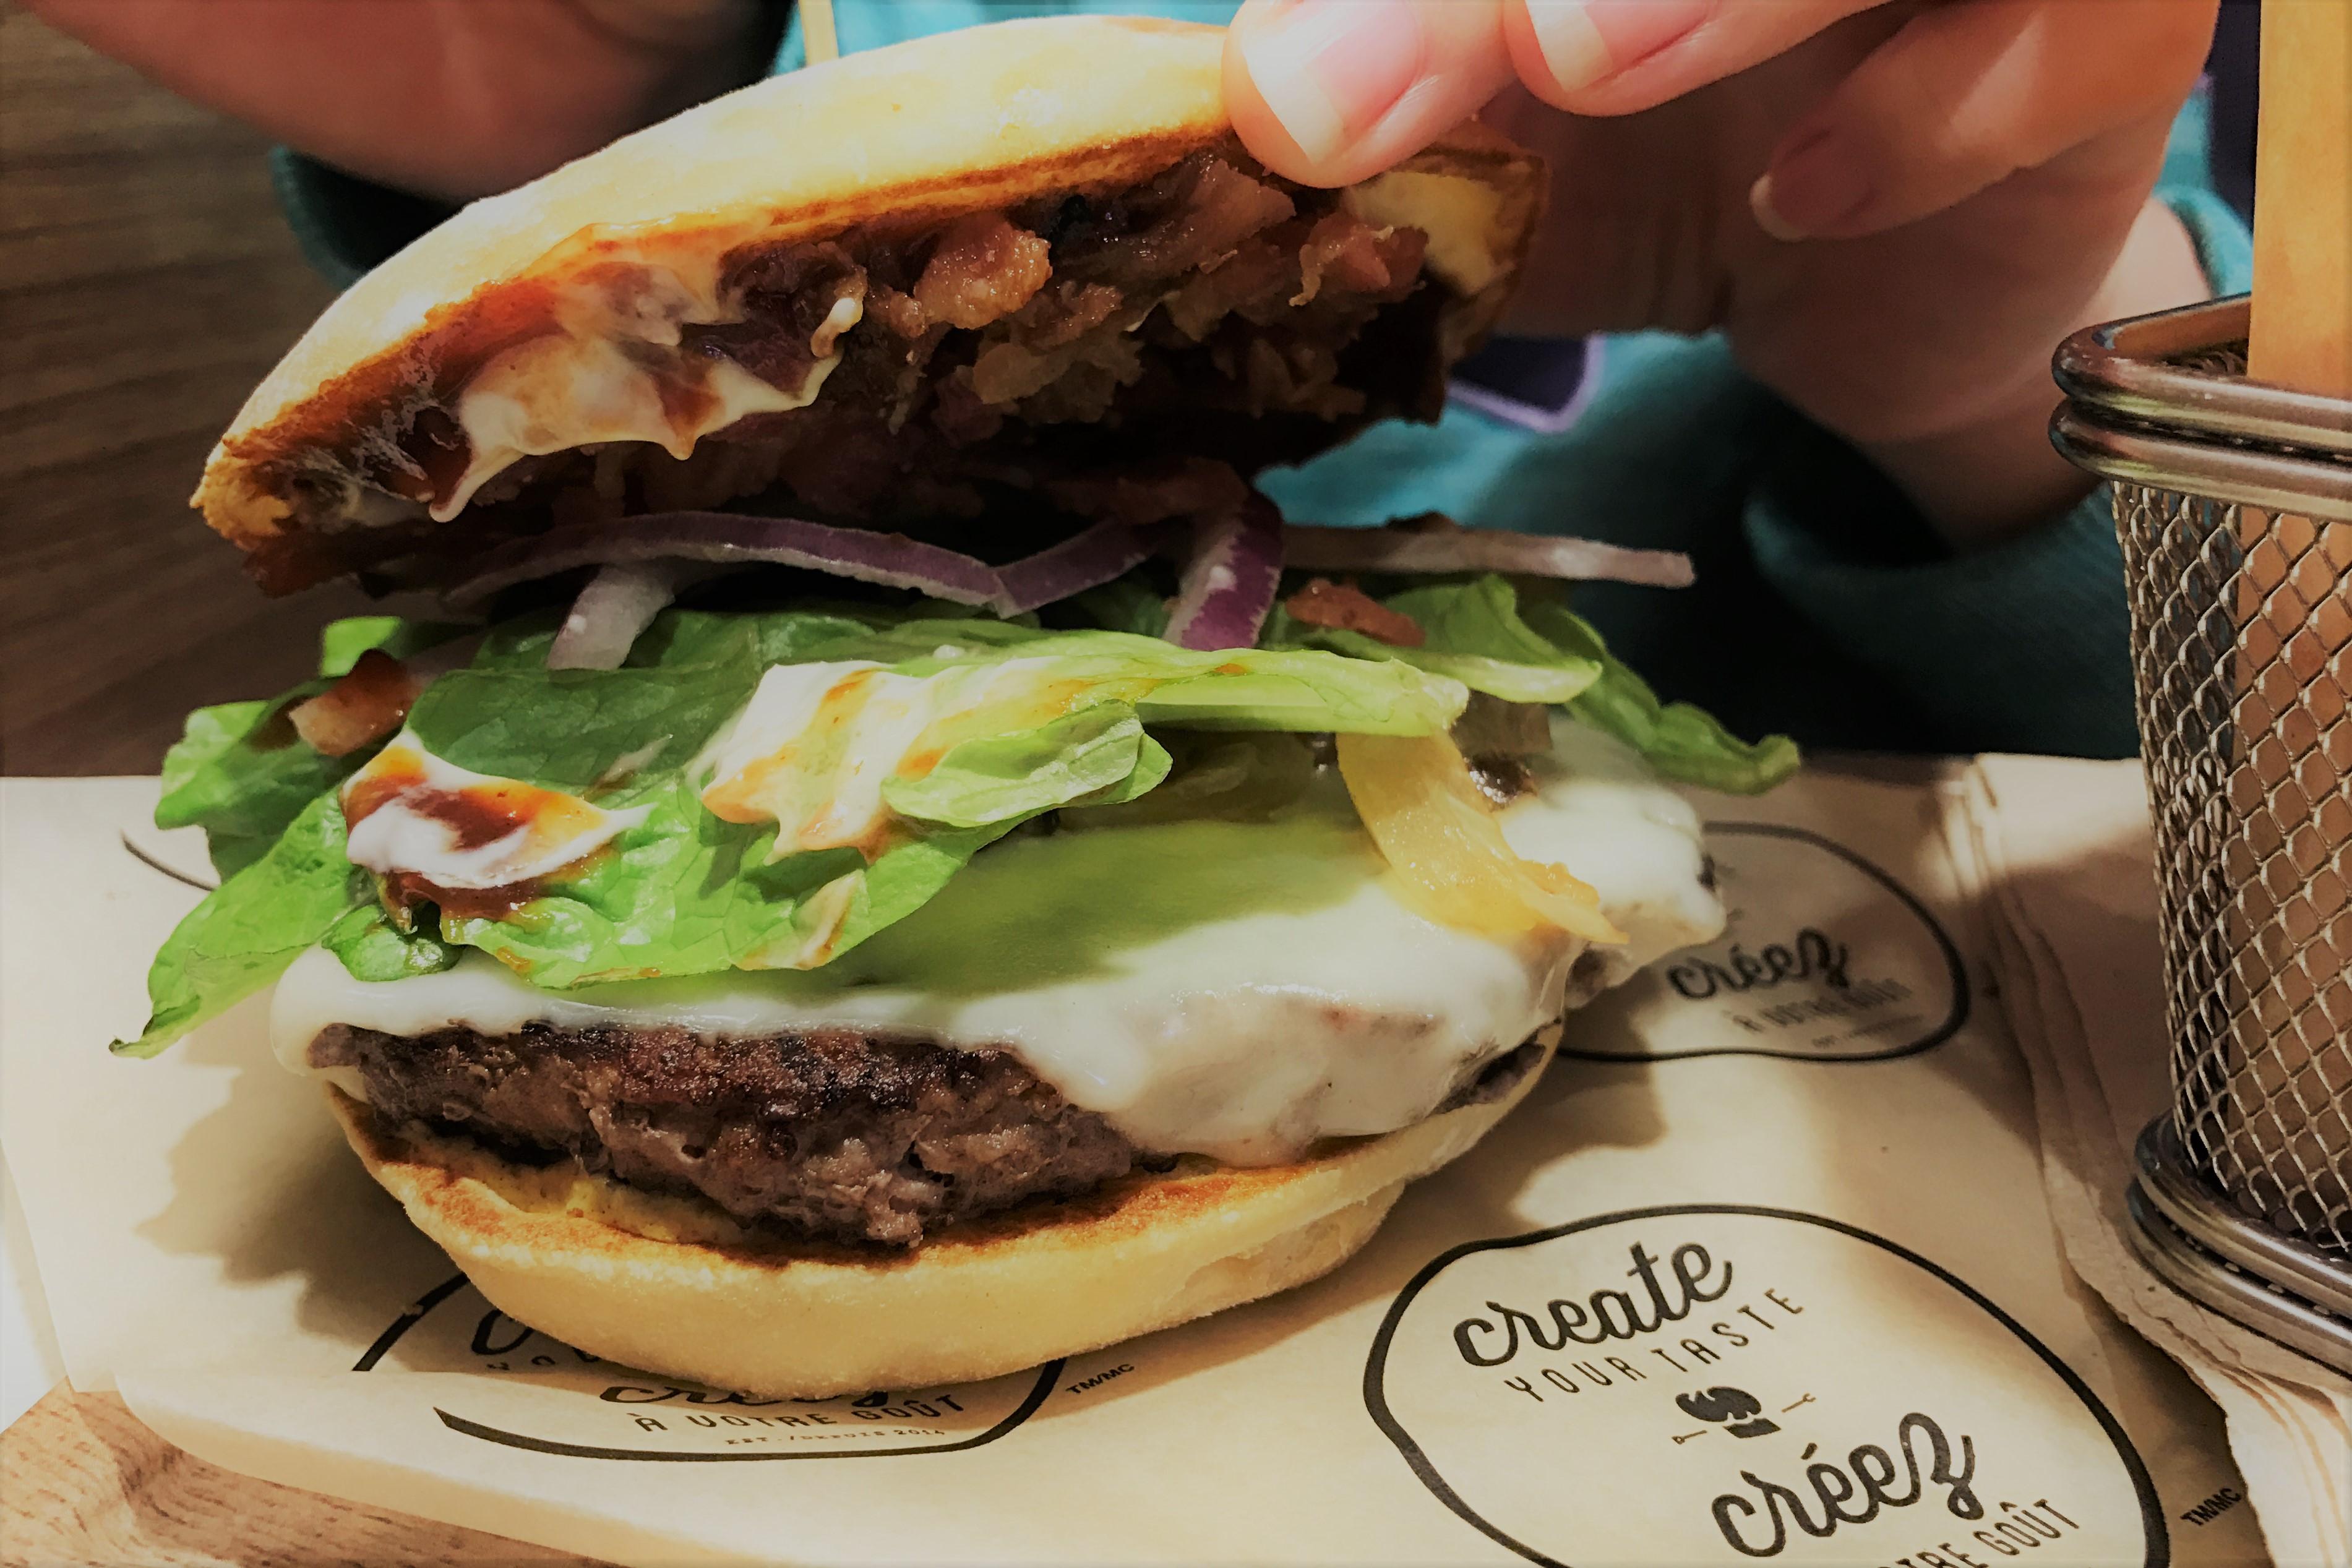 自分の好きな具材で作るマクドナルドのカスタマイズハンバーガーが凄い